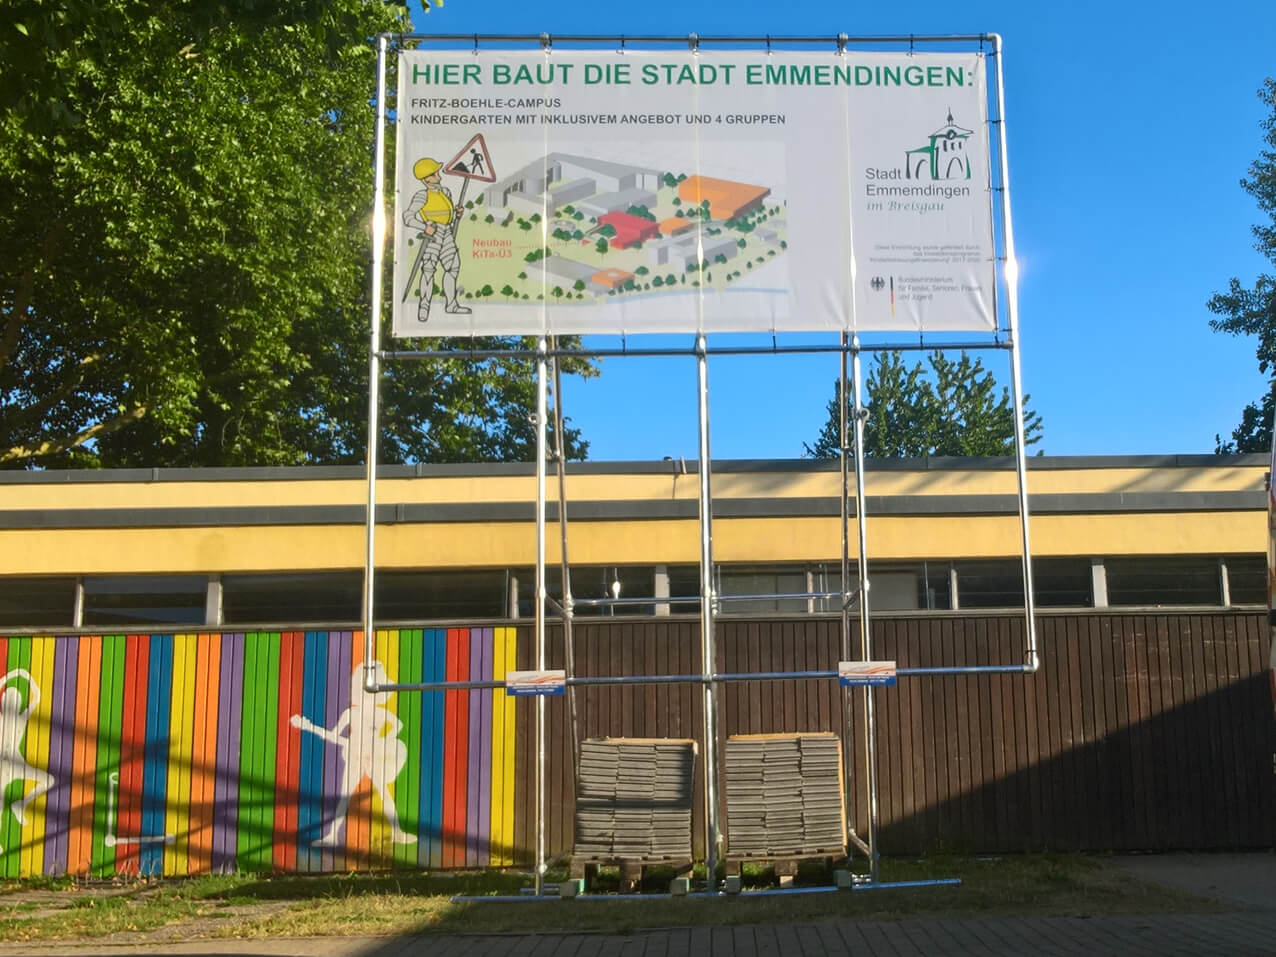 552-Aufsteller-Plane-Stadt-Emmendingen-Freiburg-Breisgau